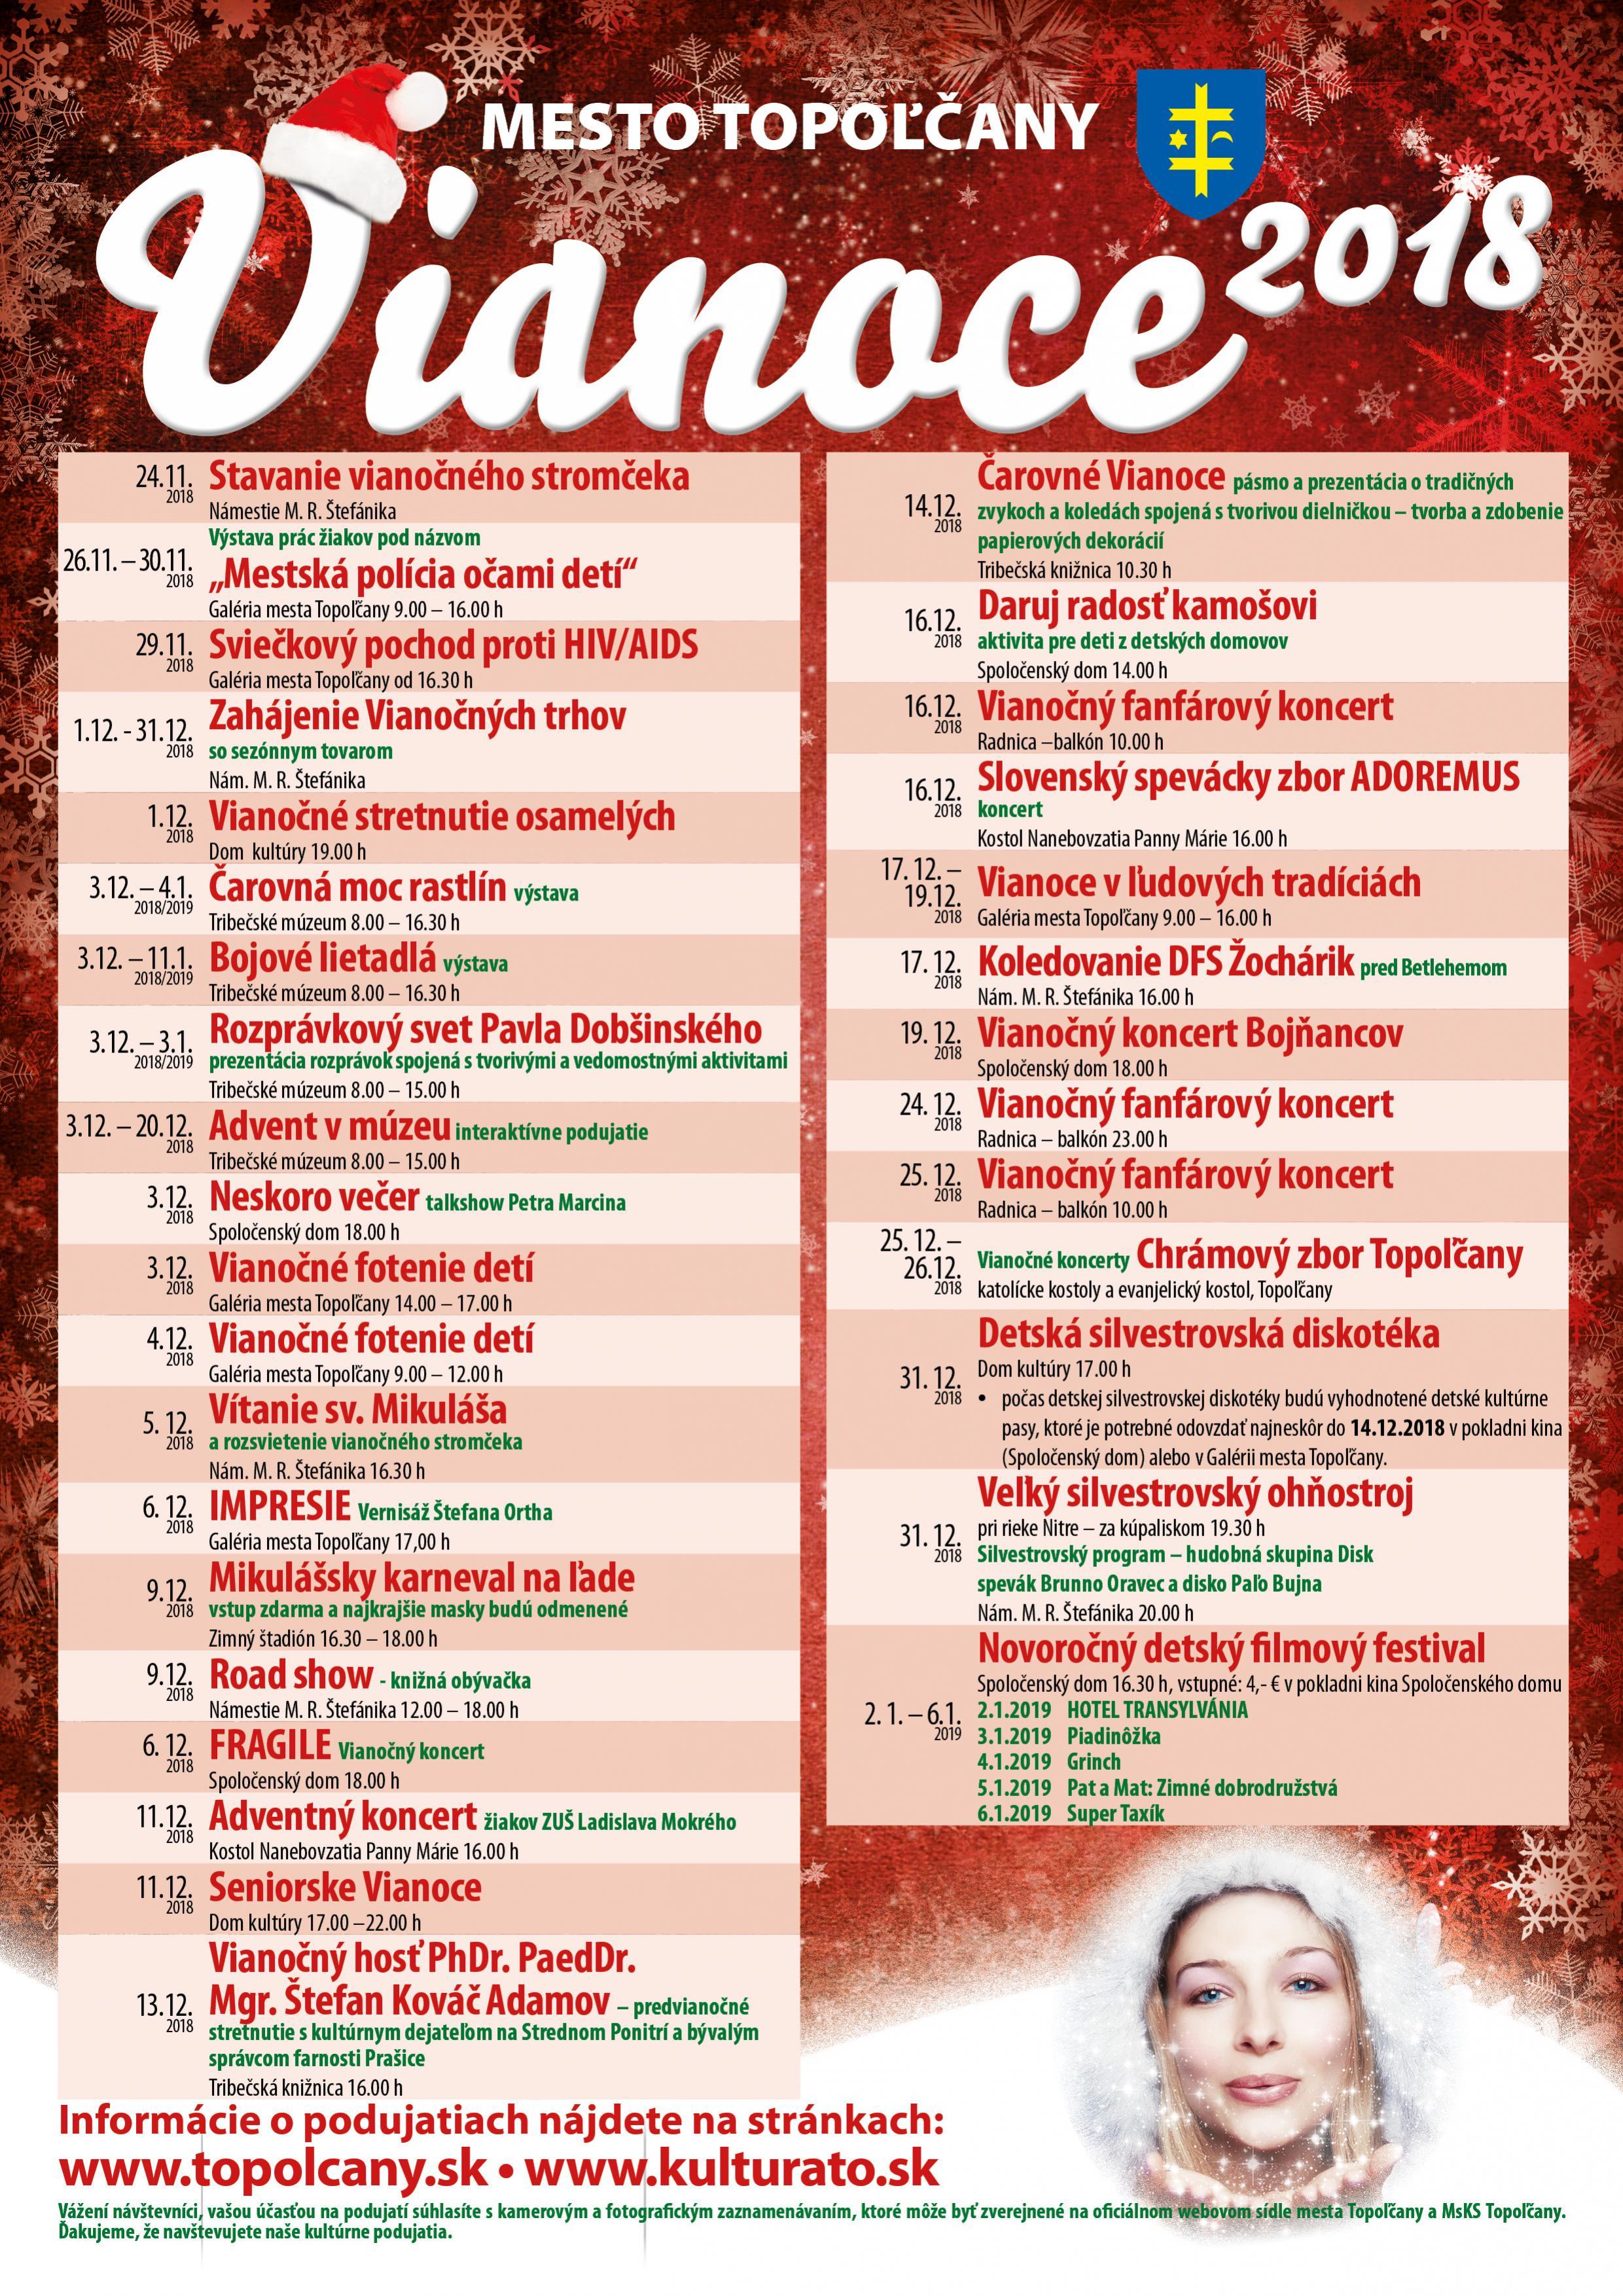 Vianočný program v Topoľčanoch